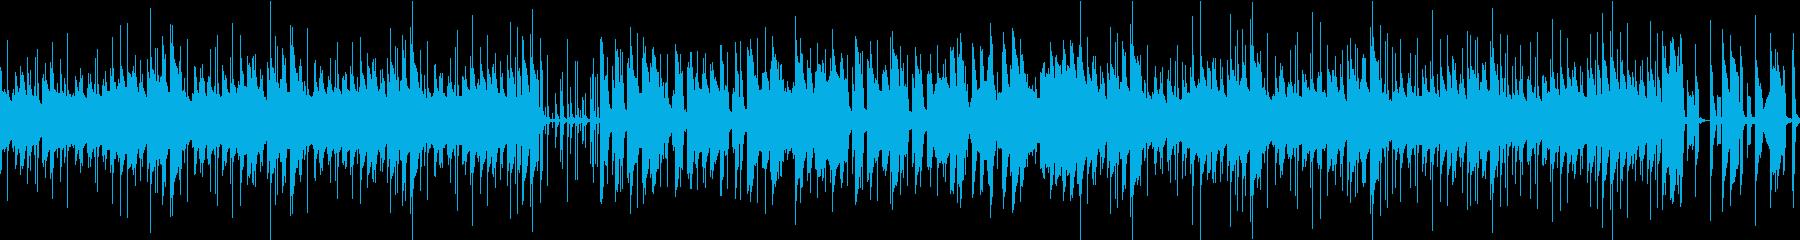 日常系 ほのぼのポップ(2分ジャスト)の再生済みの波形